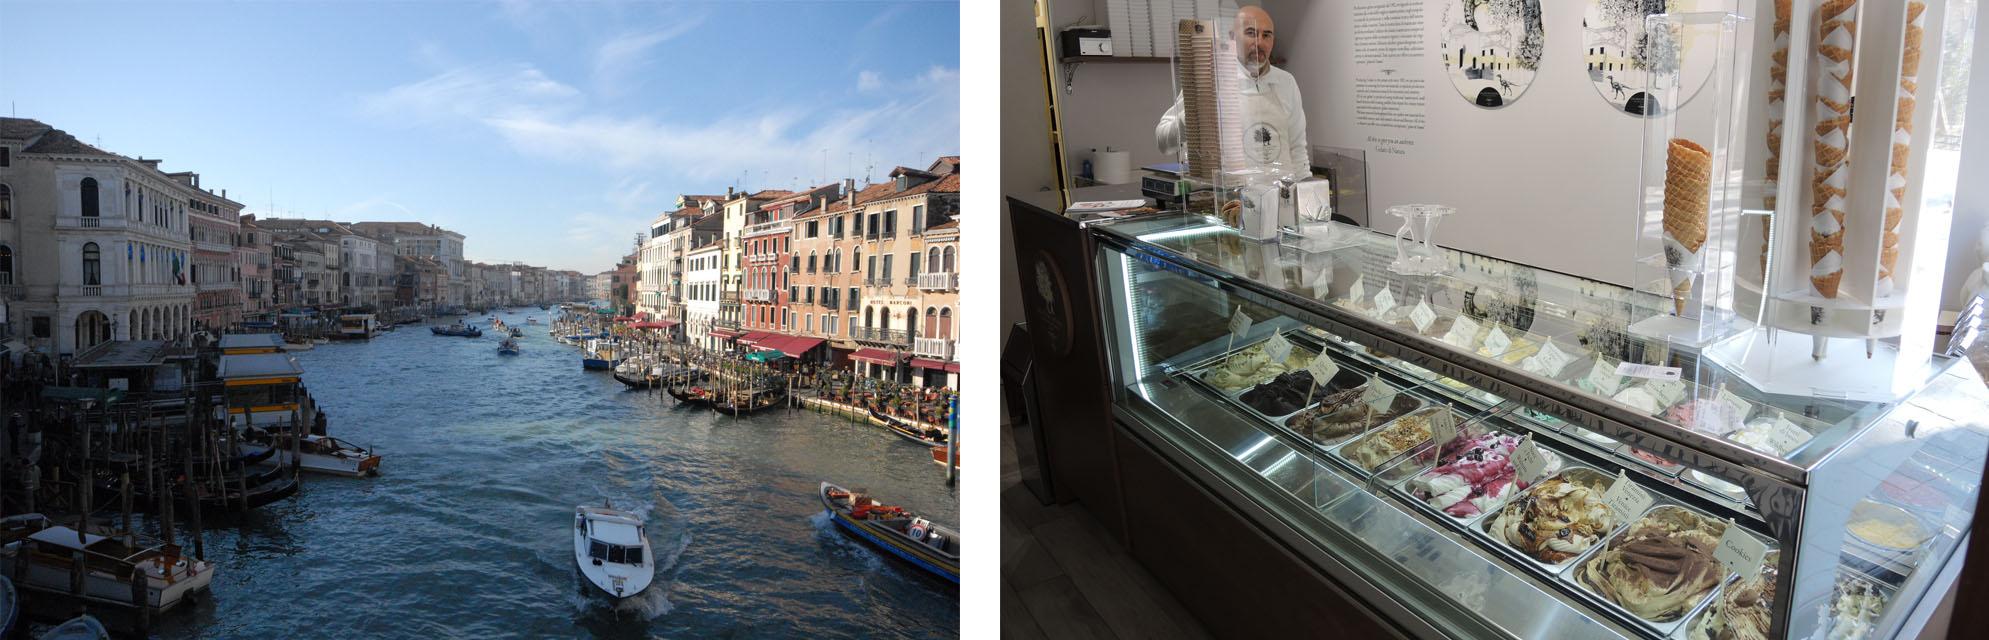 Gran Canal – Ice cream parlour